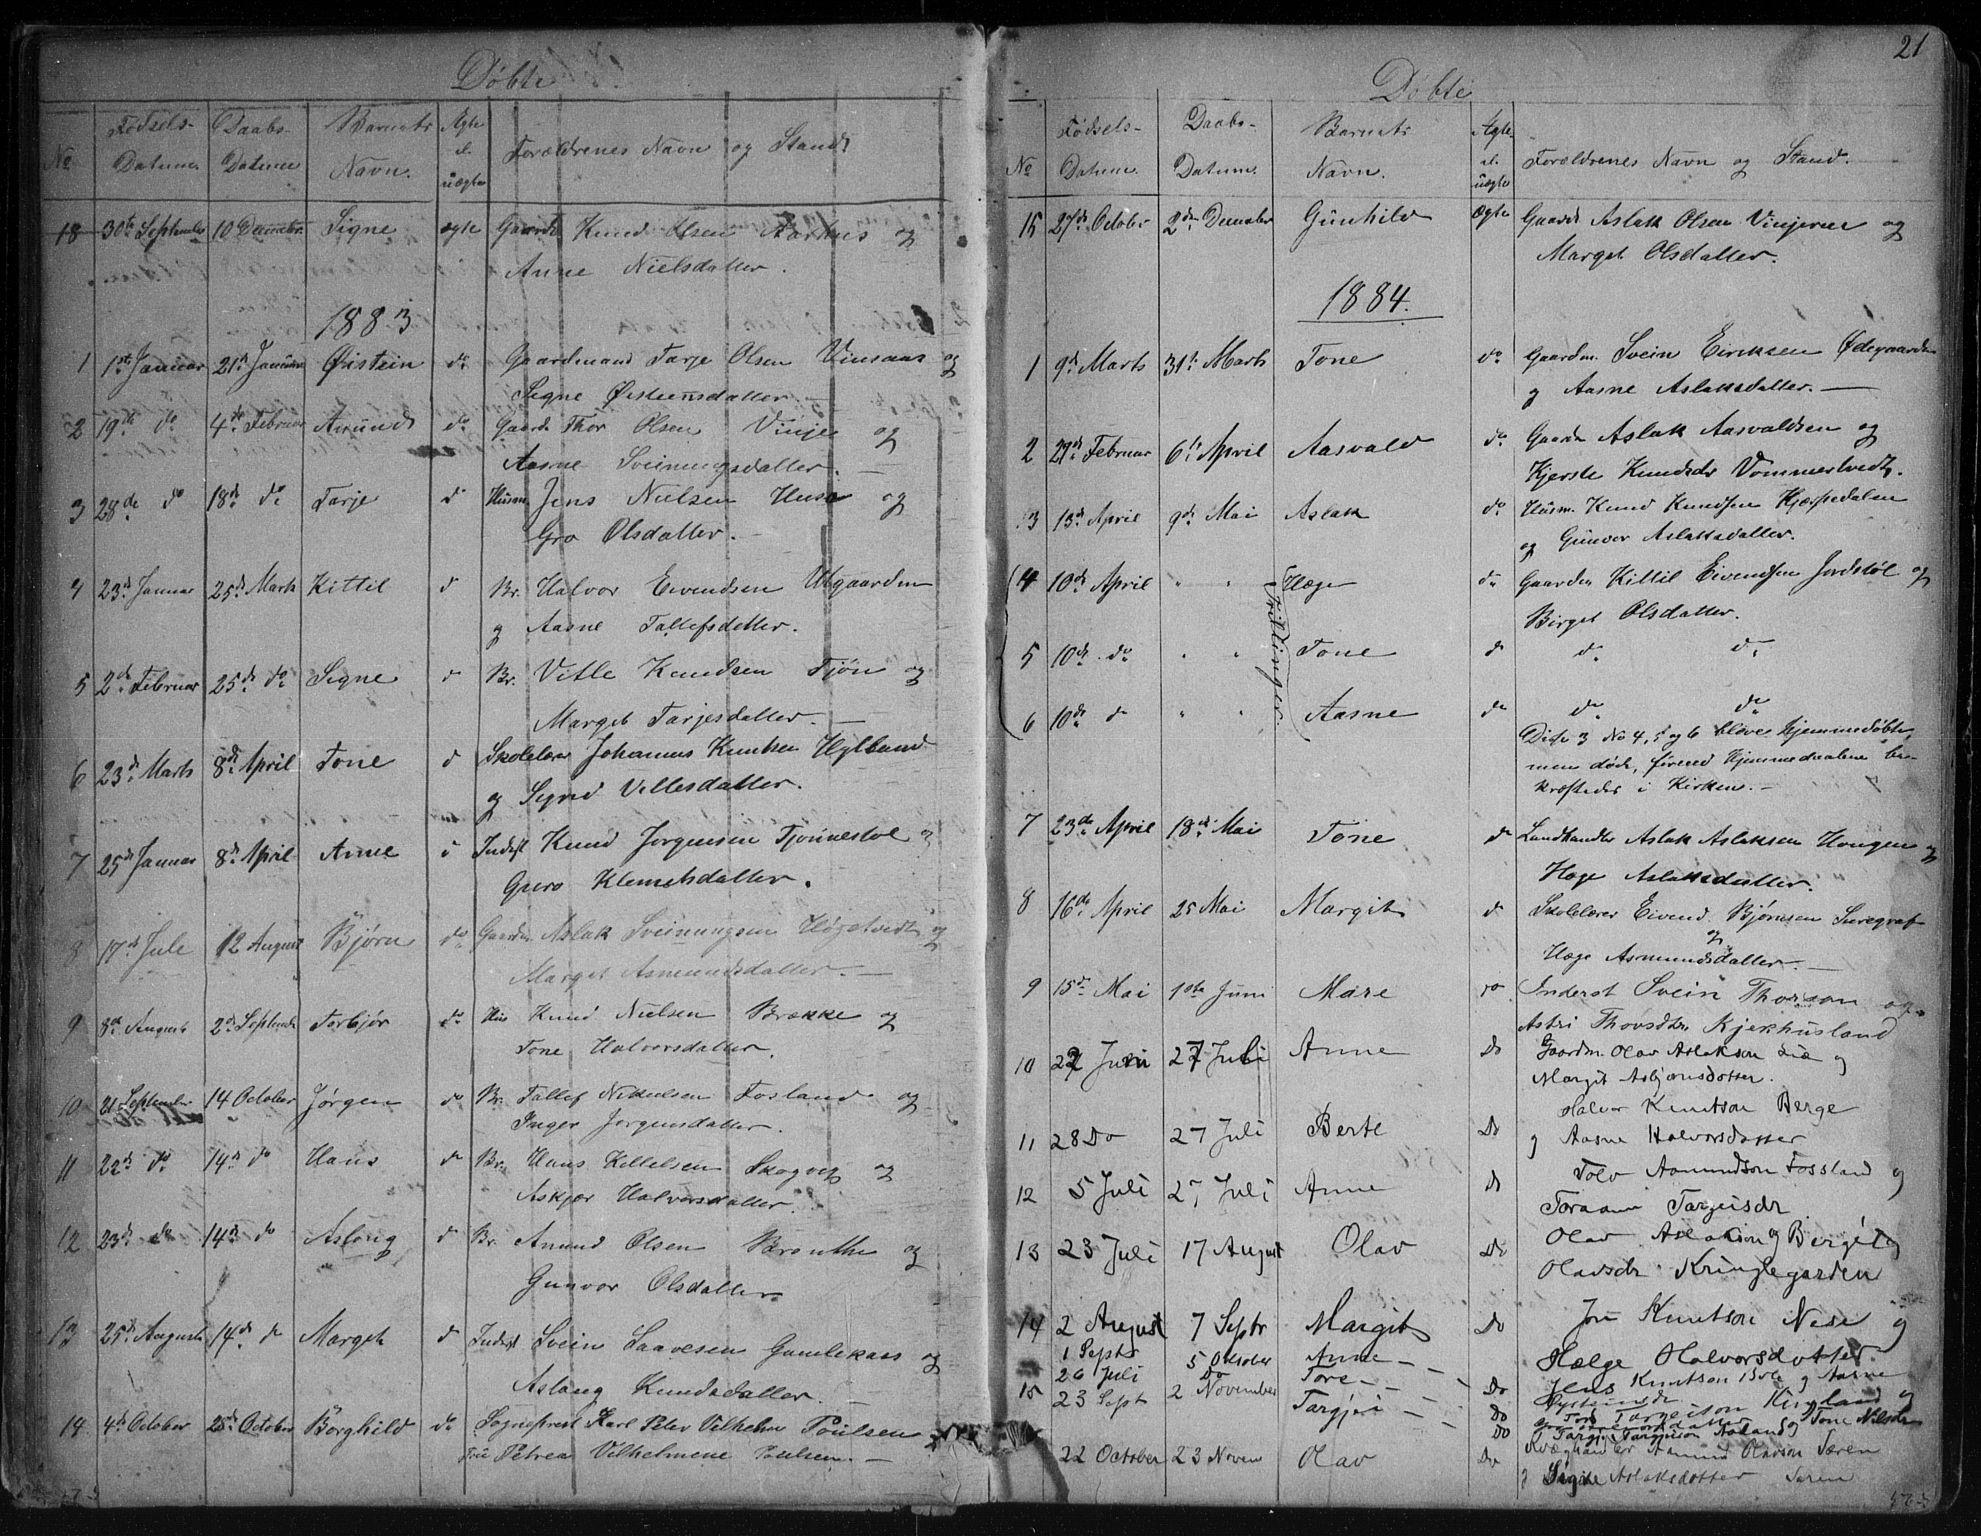 SAKO, Vinje kirkebøker, G/Ga/L0002: Klokkerbok nr. I 2, 1849-1893, s. 21